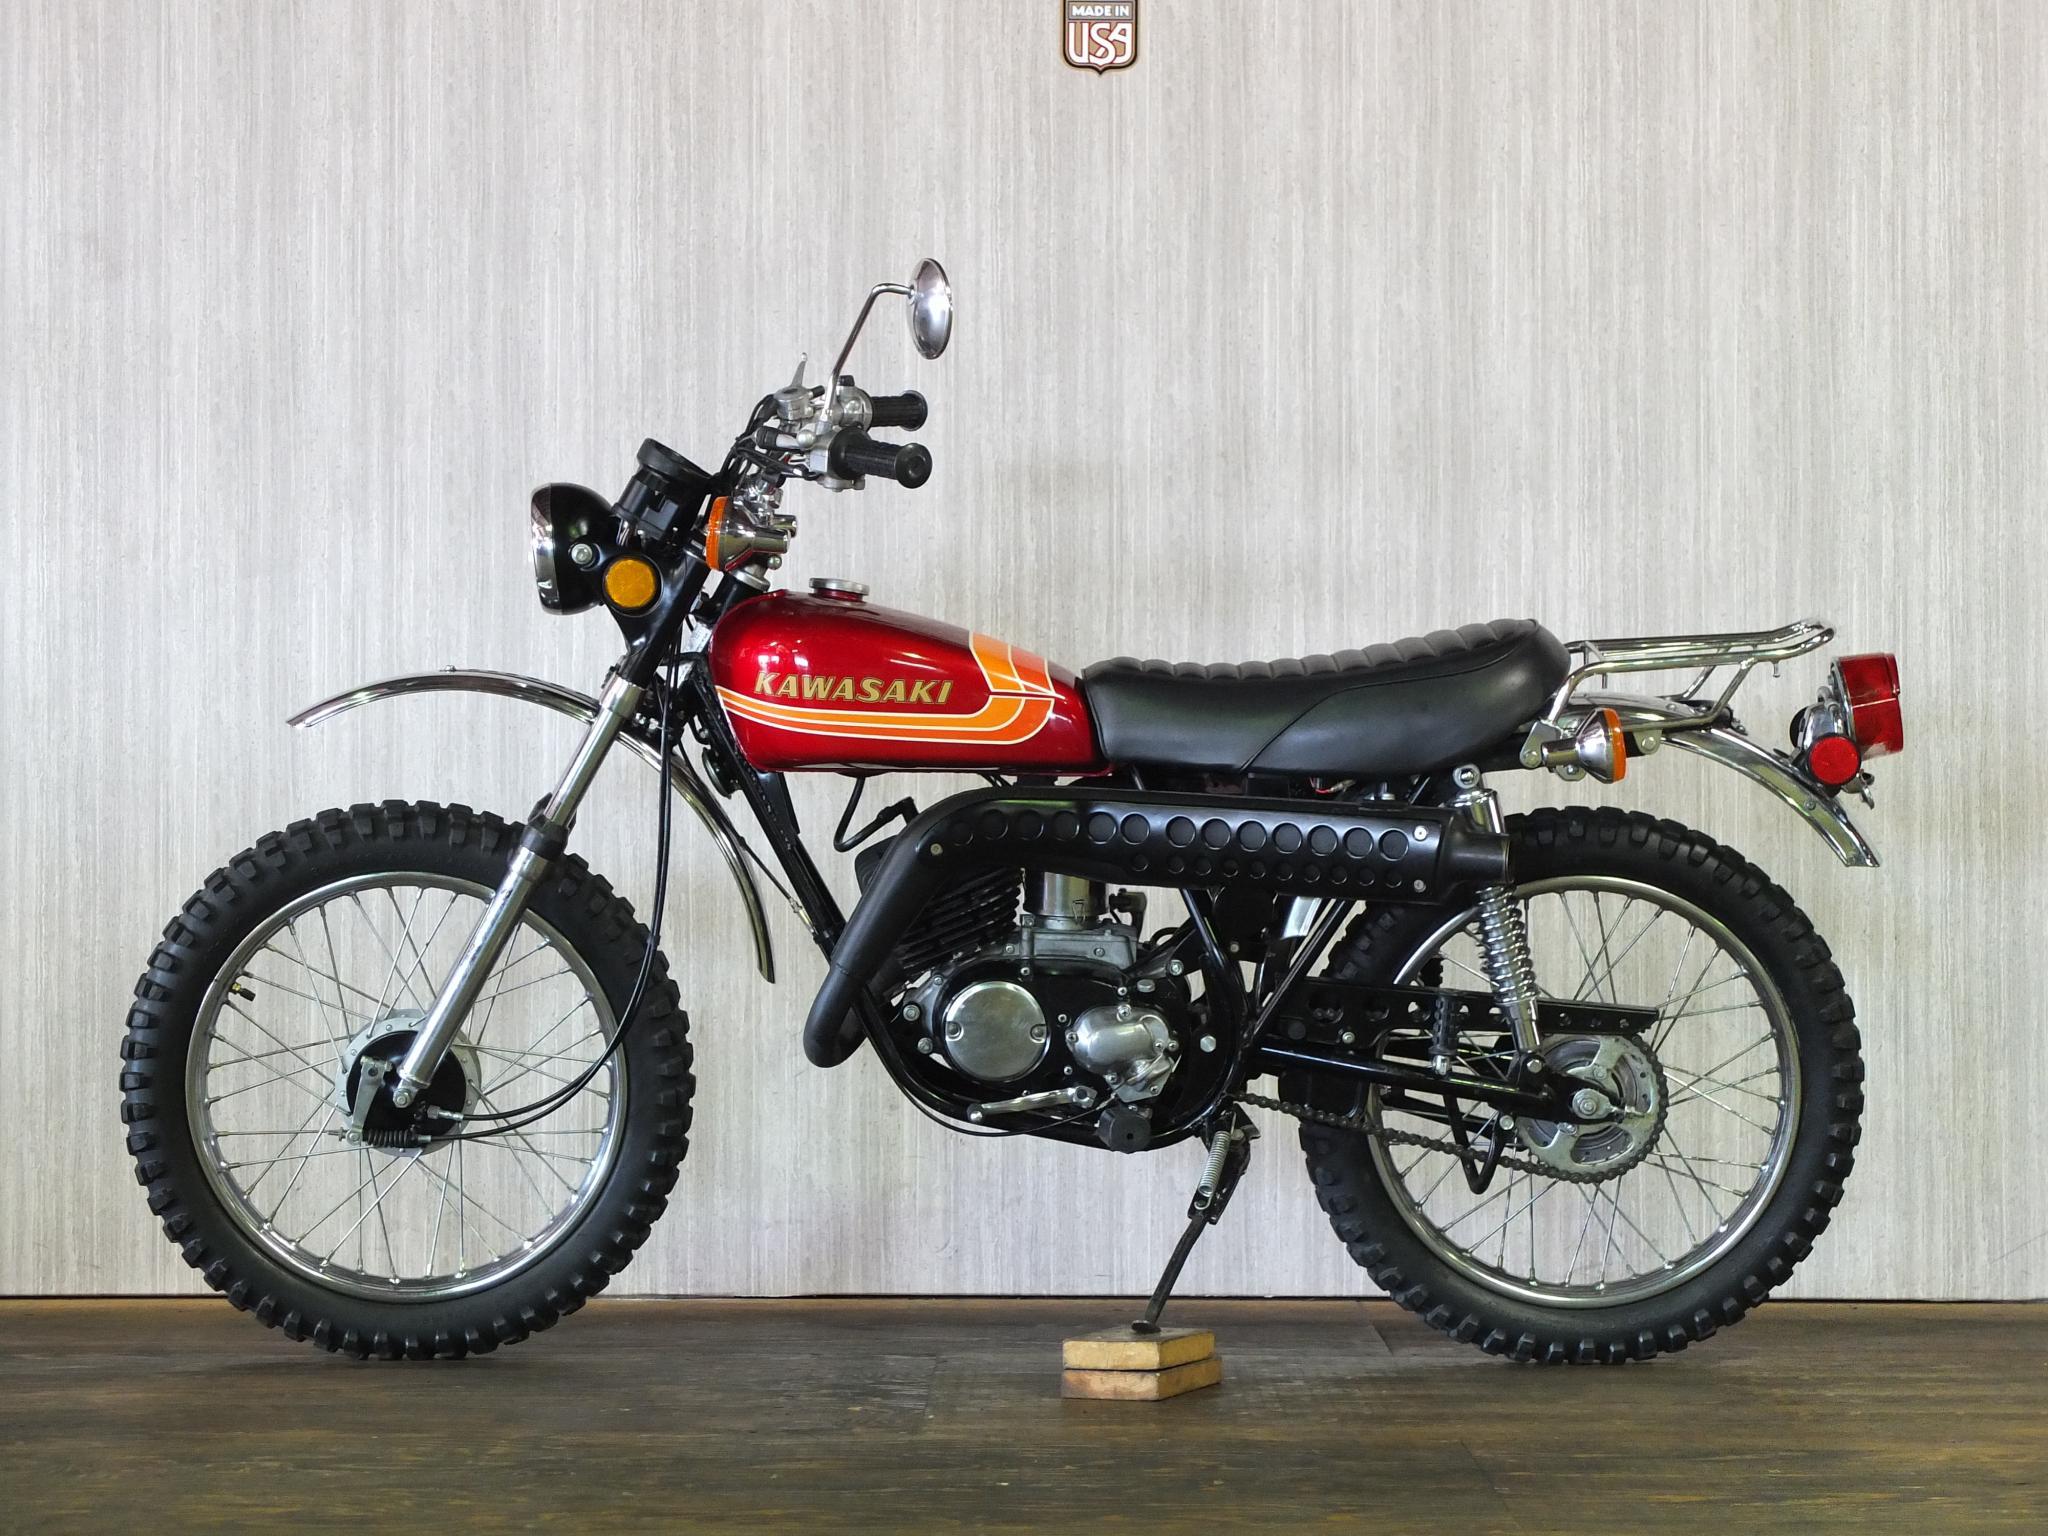 カワサキ 1973 Kawasaki KV100 車体写真4